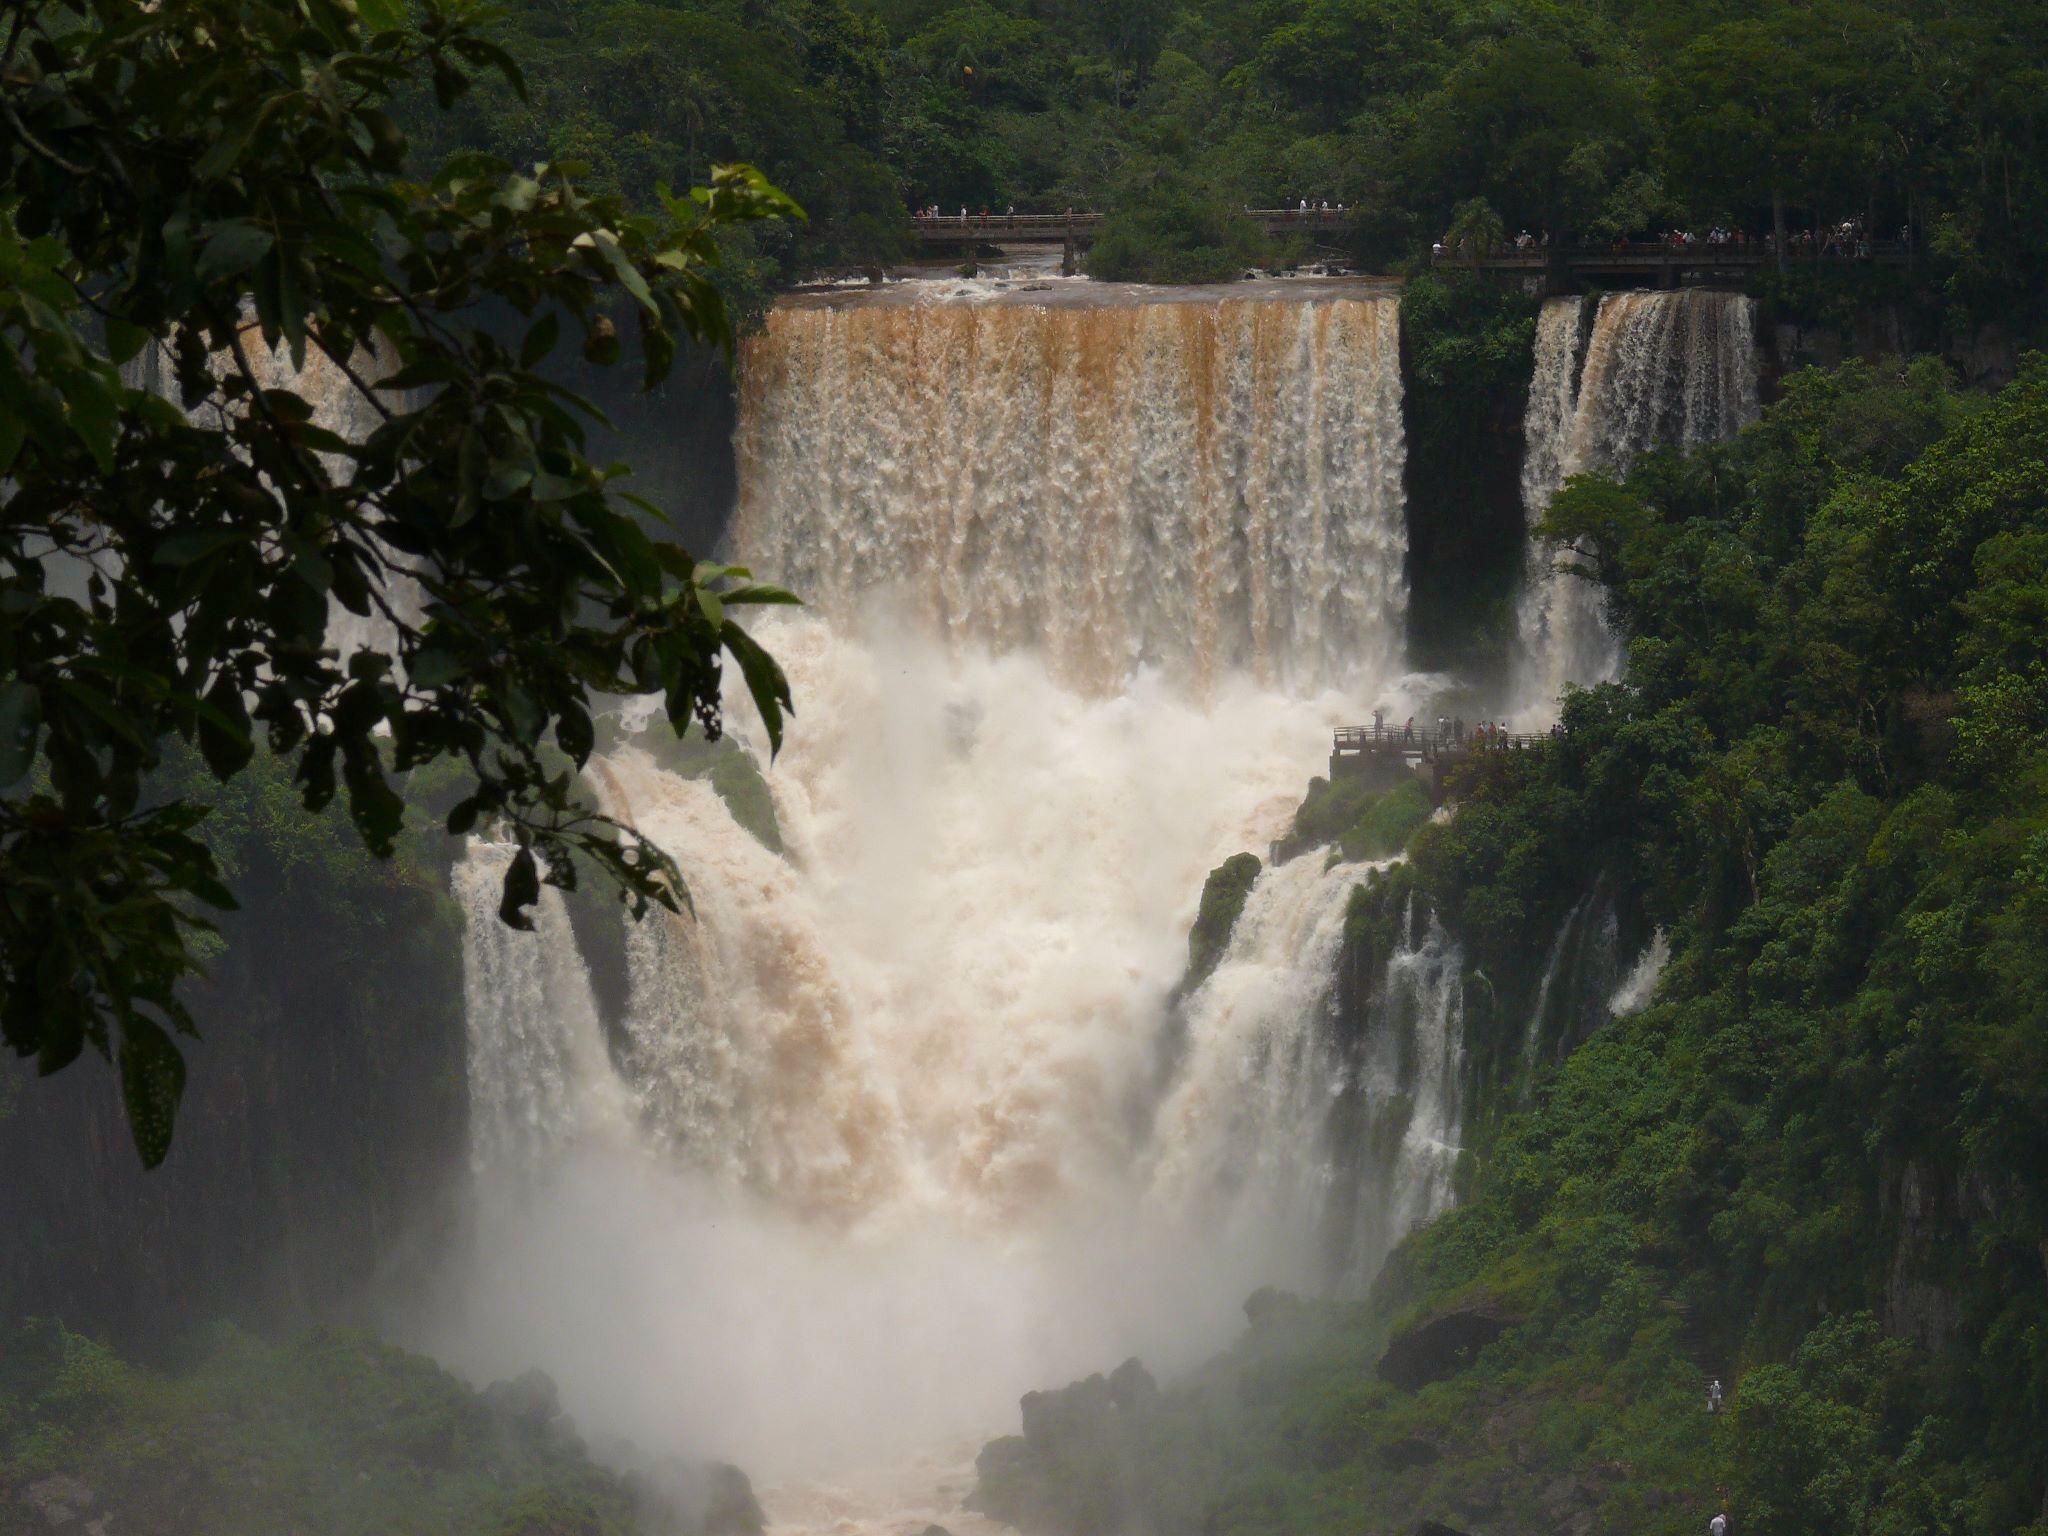 Foto minha☺️☺️ Foz do Iguaçu